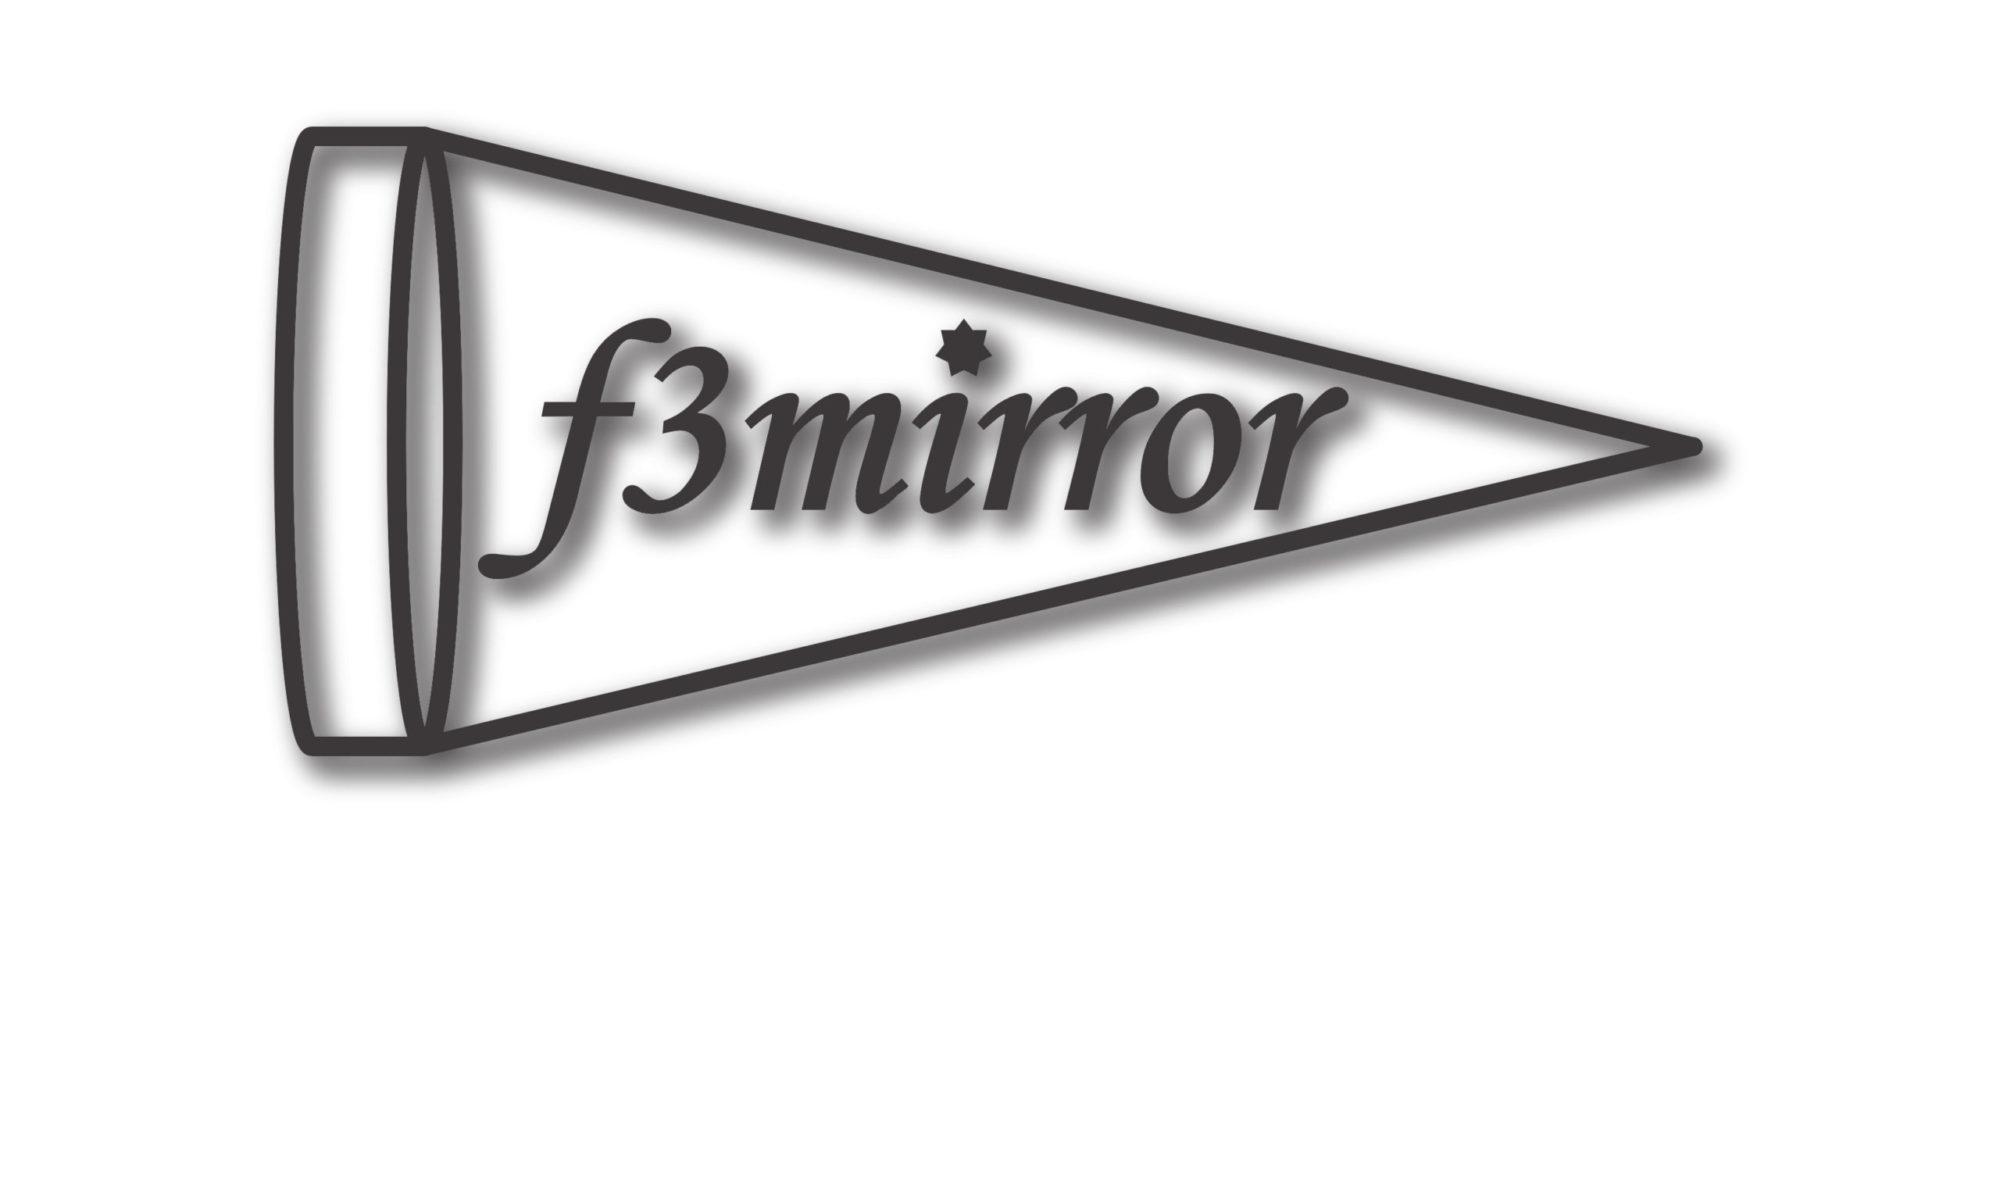 f3mirror